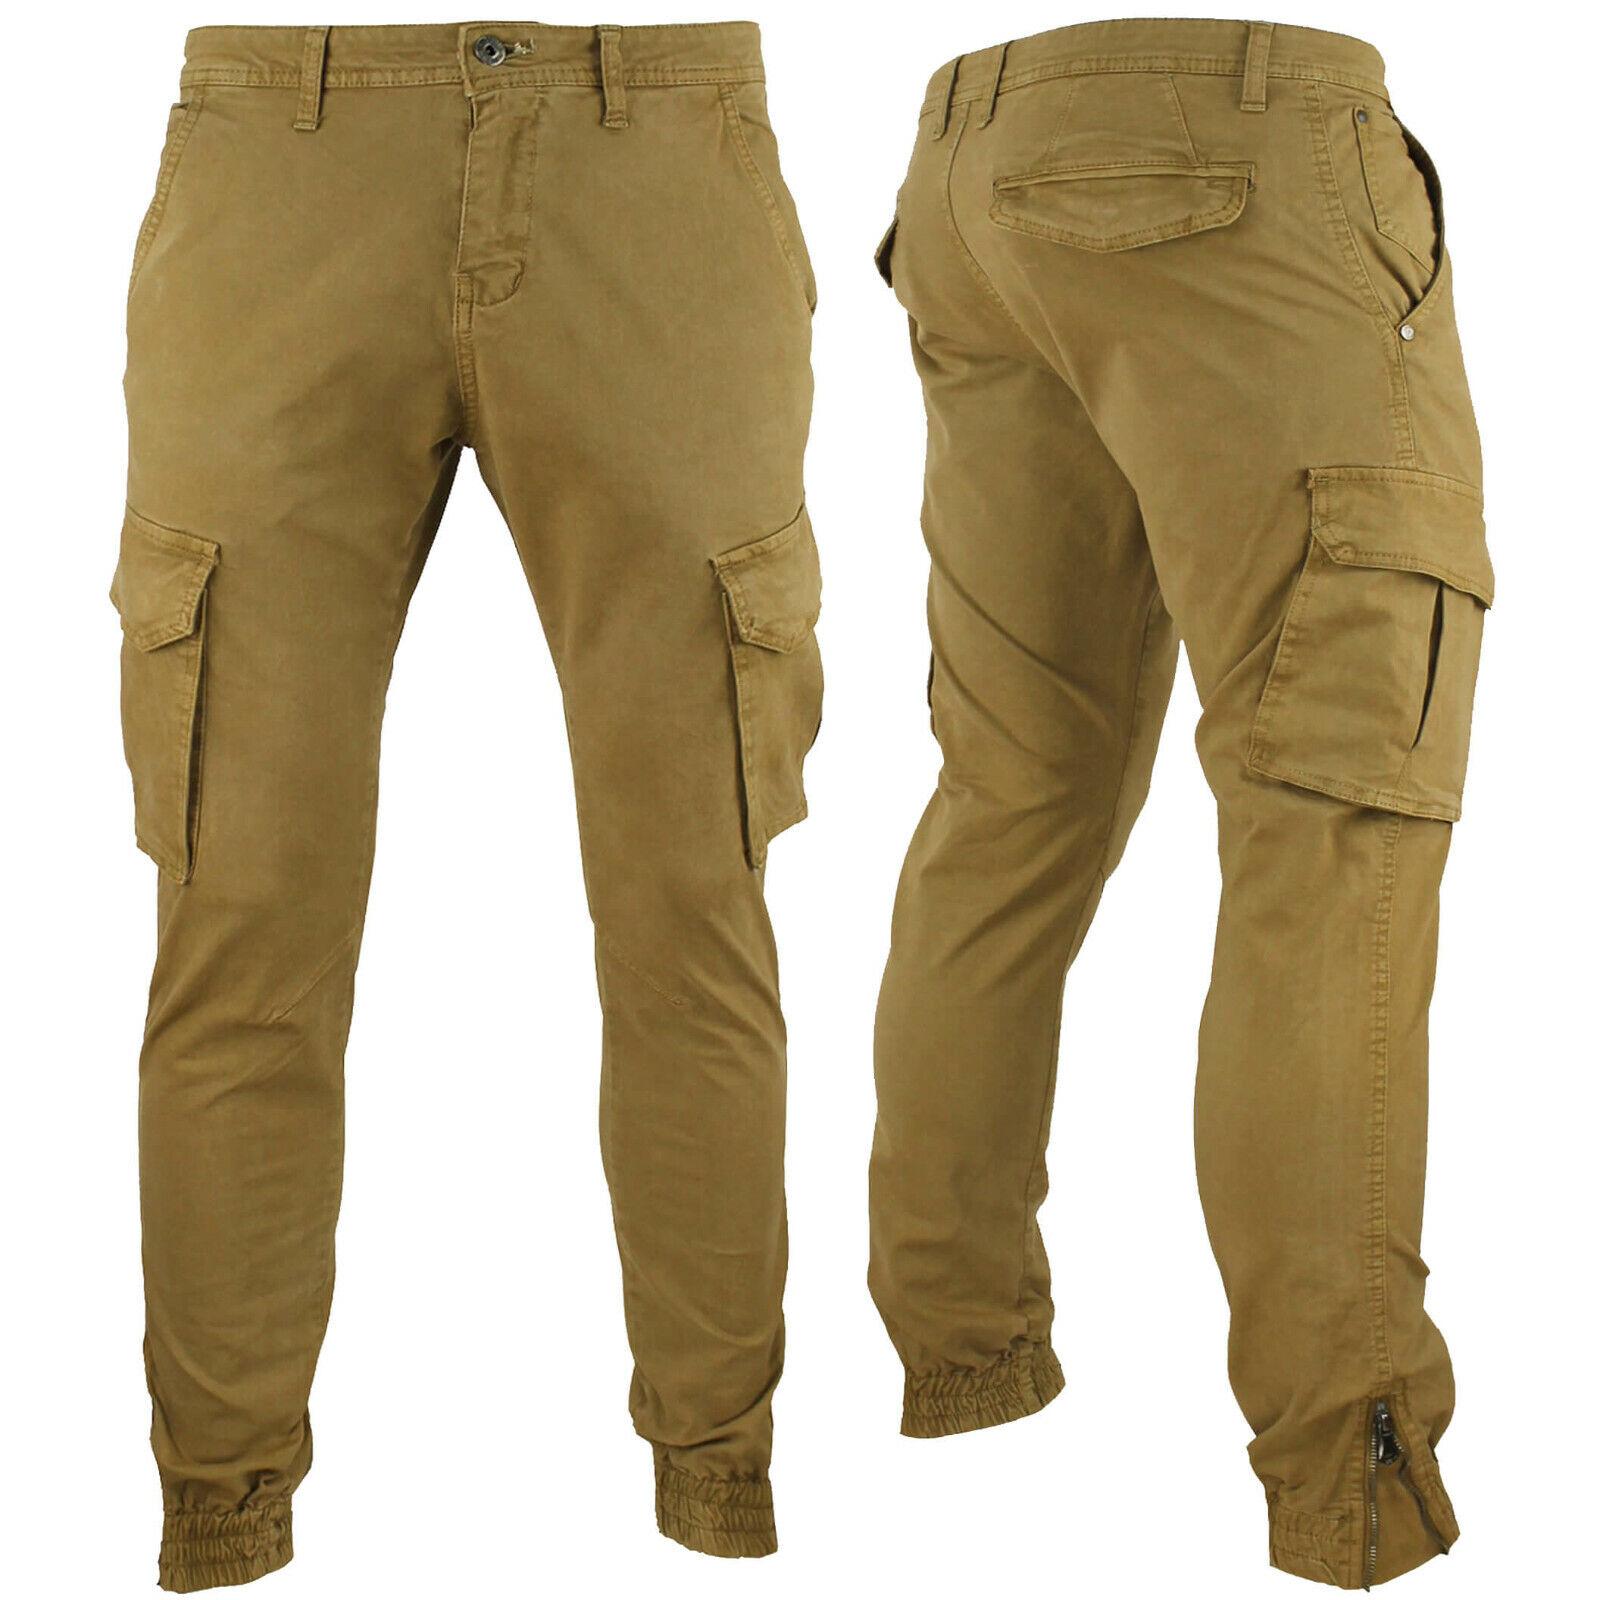 Pantaloni Cargo Uomo Slim Fit Tasche Laterali Skinny Cotone RDV